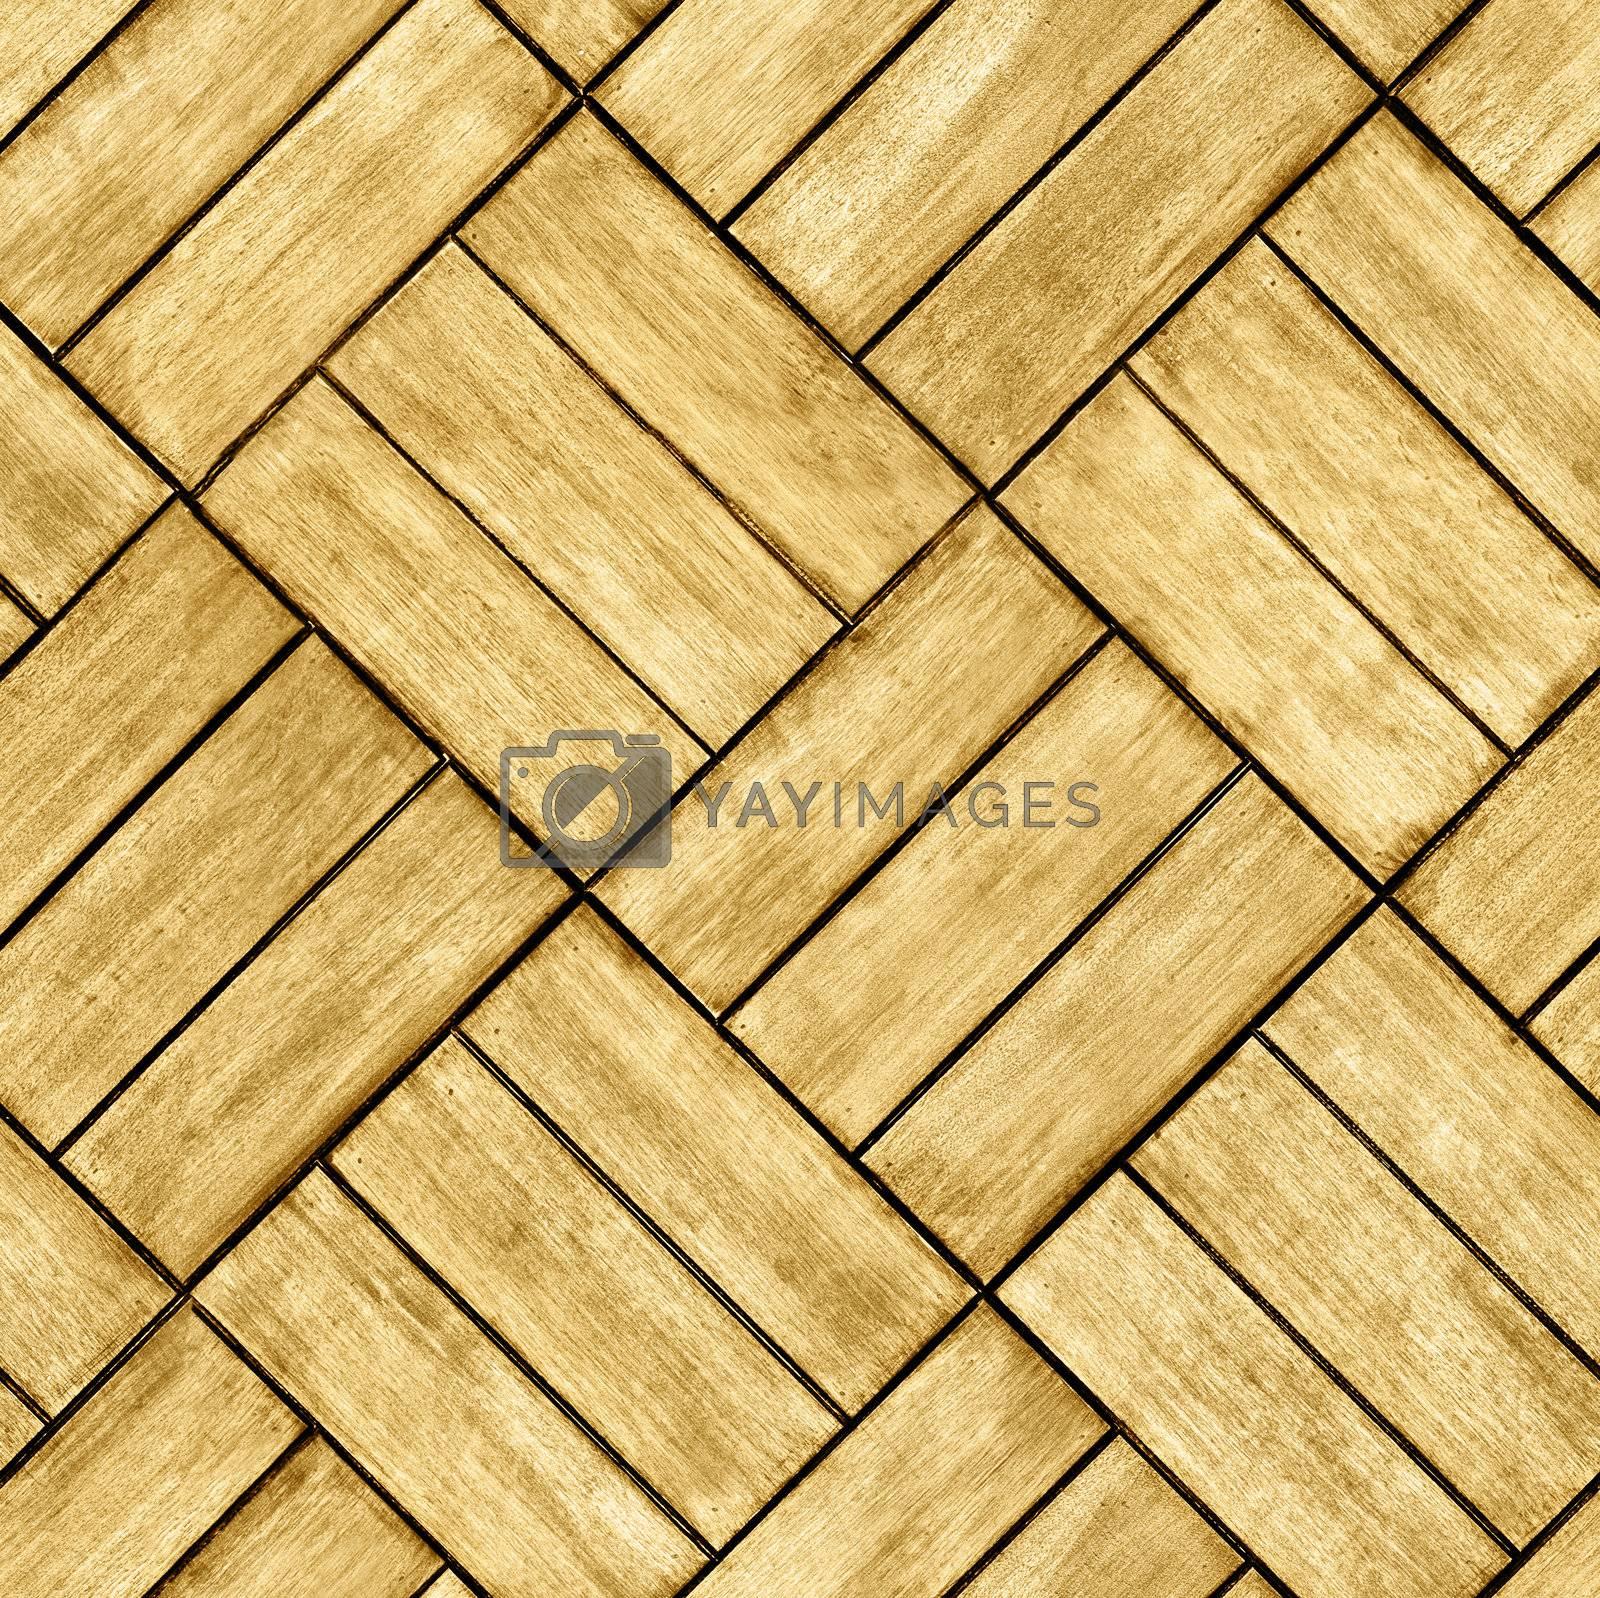 Parquet floor - seamless wood background